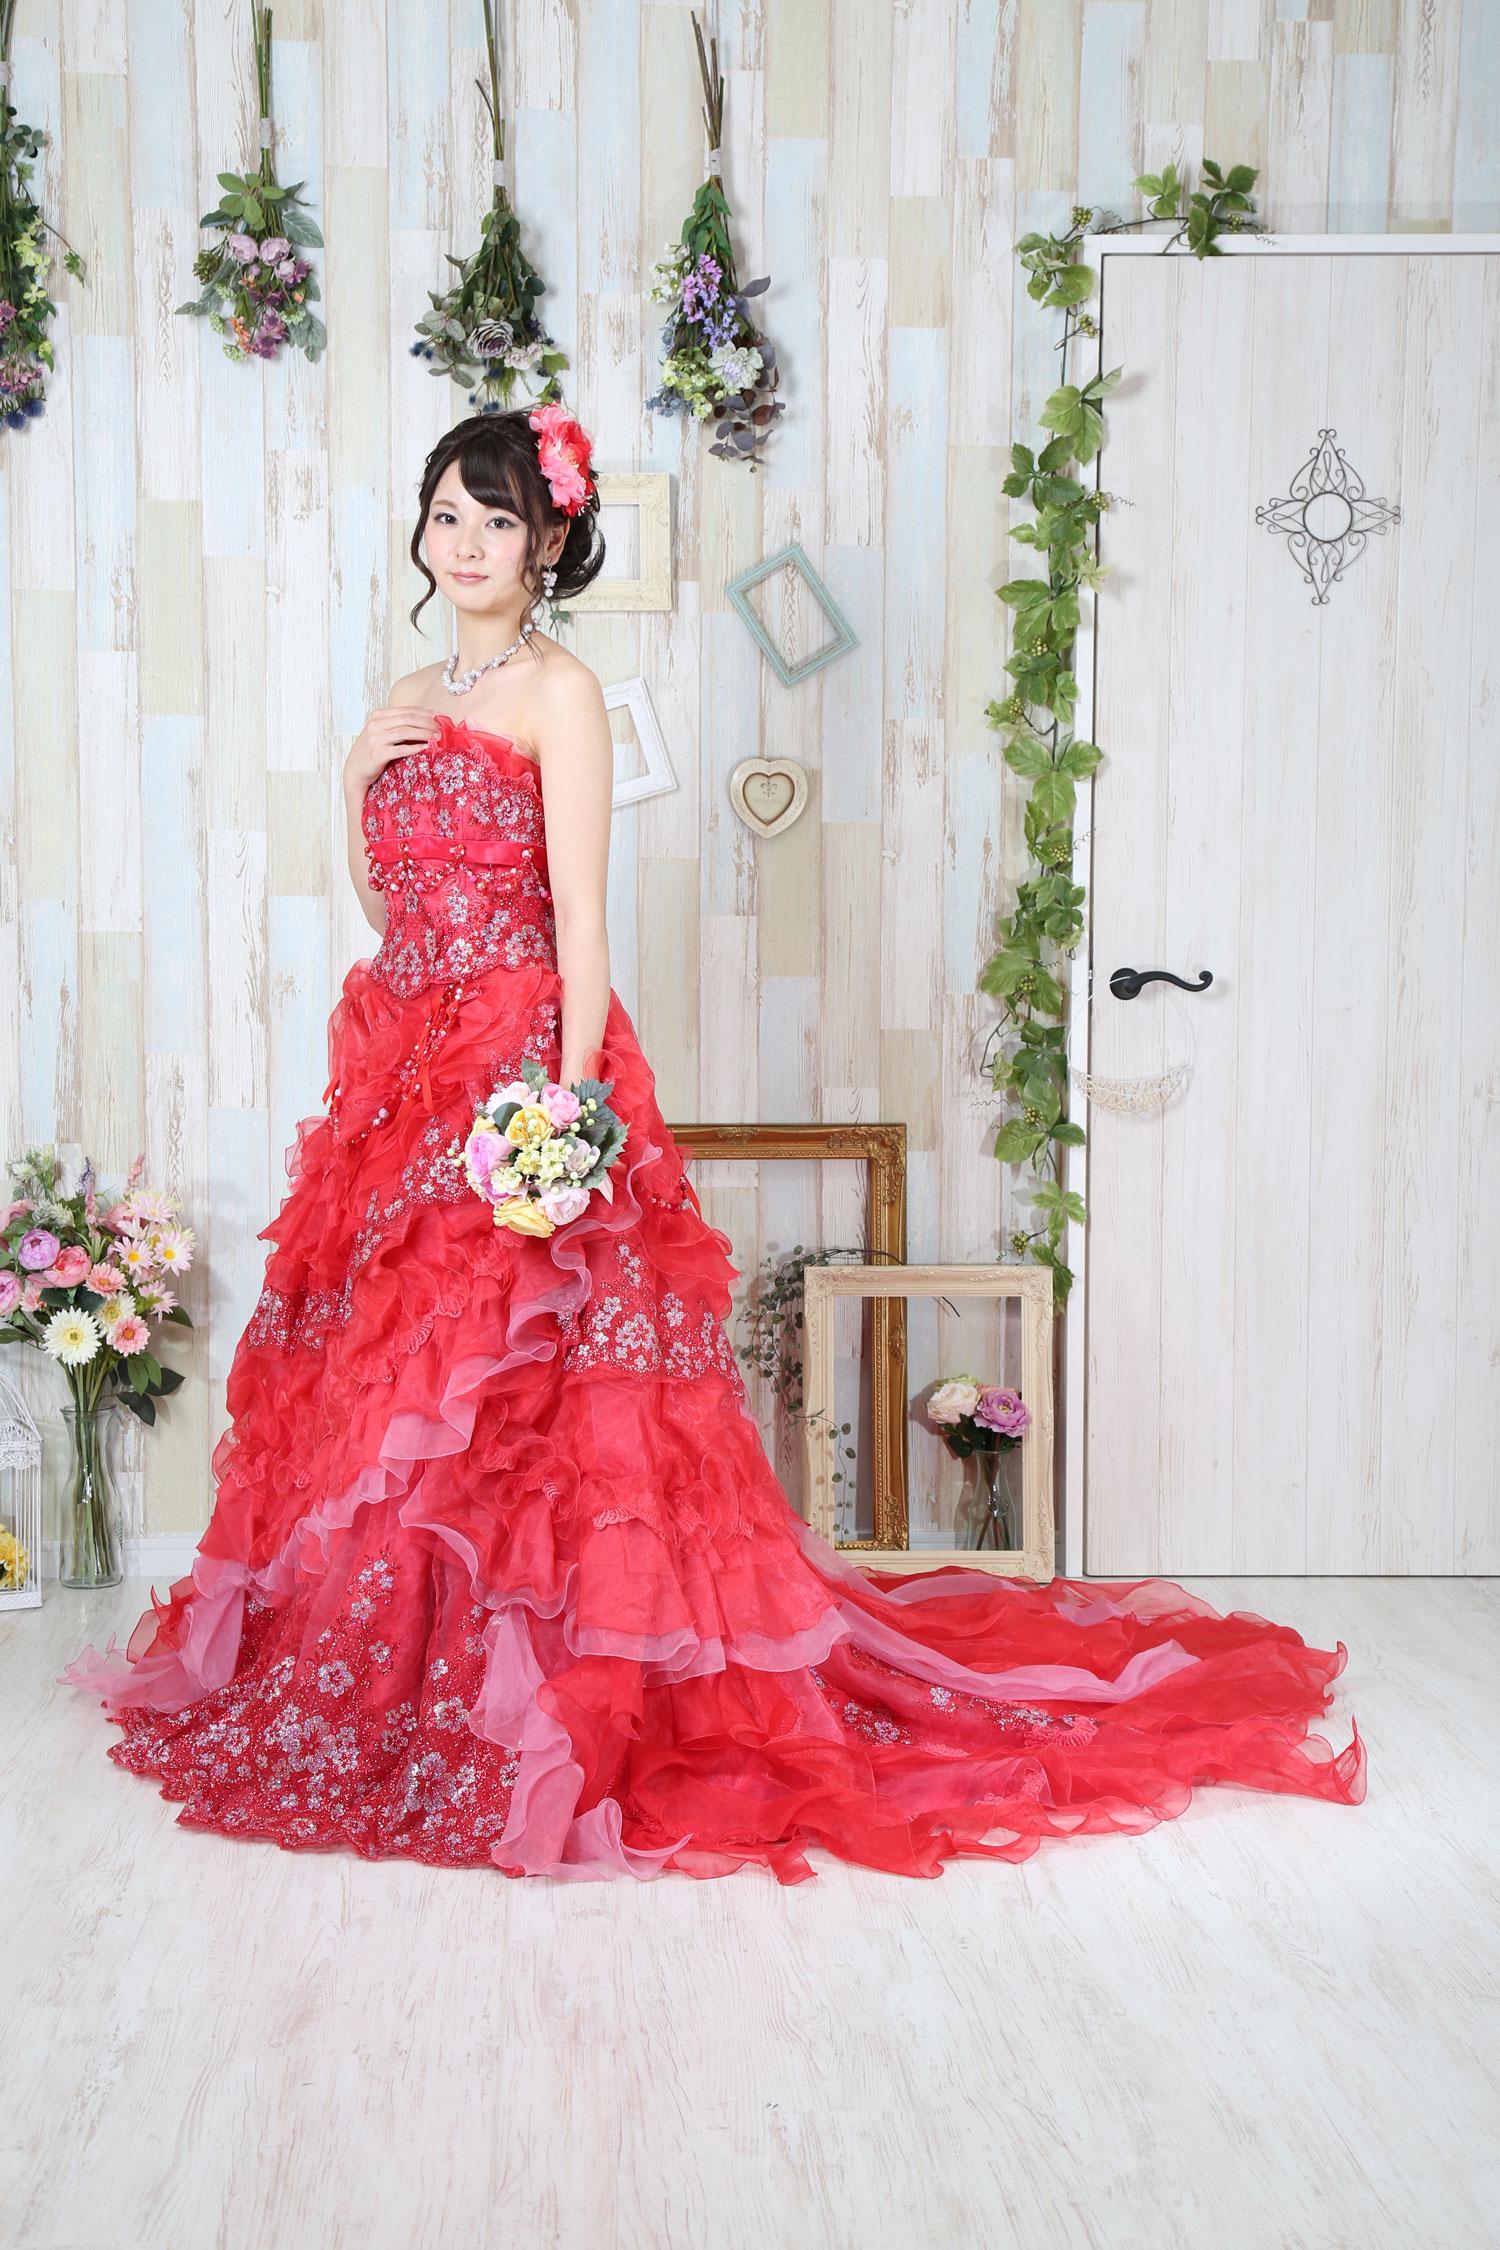 ★20180211-ドレス衣装撮影_238